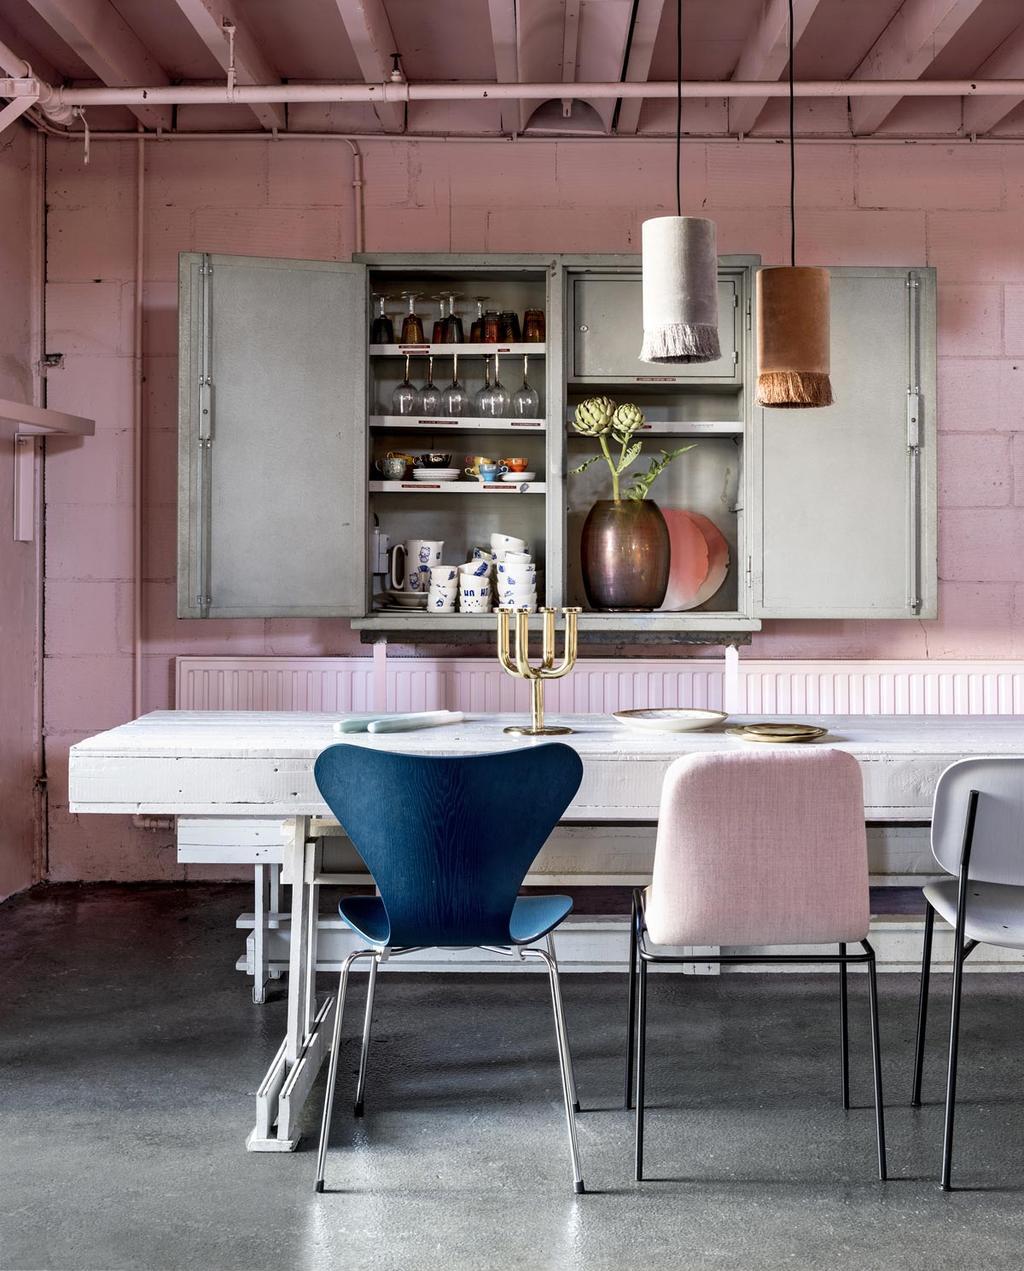 Een eetruimte met roze en blauwe accenten voor een warme gloed in huis.